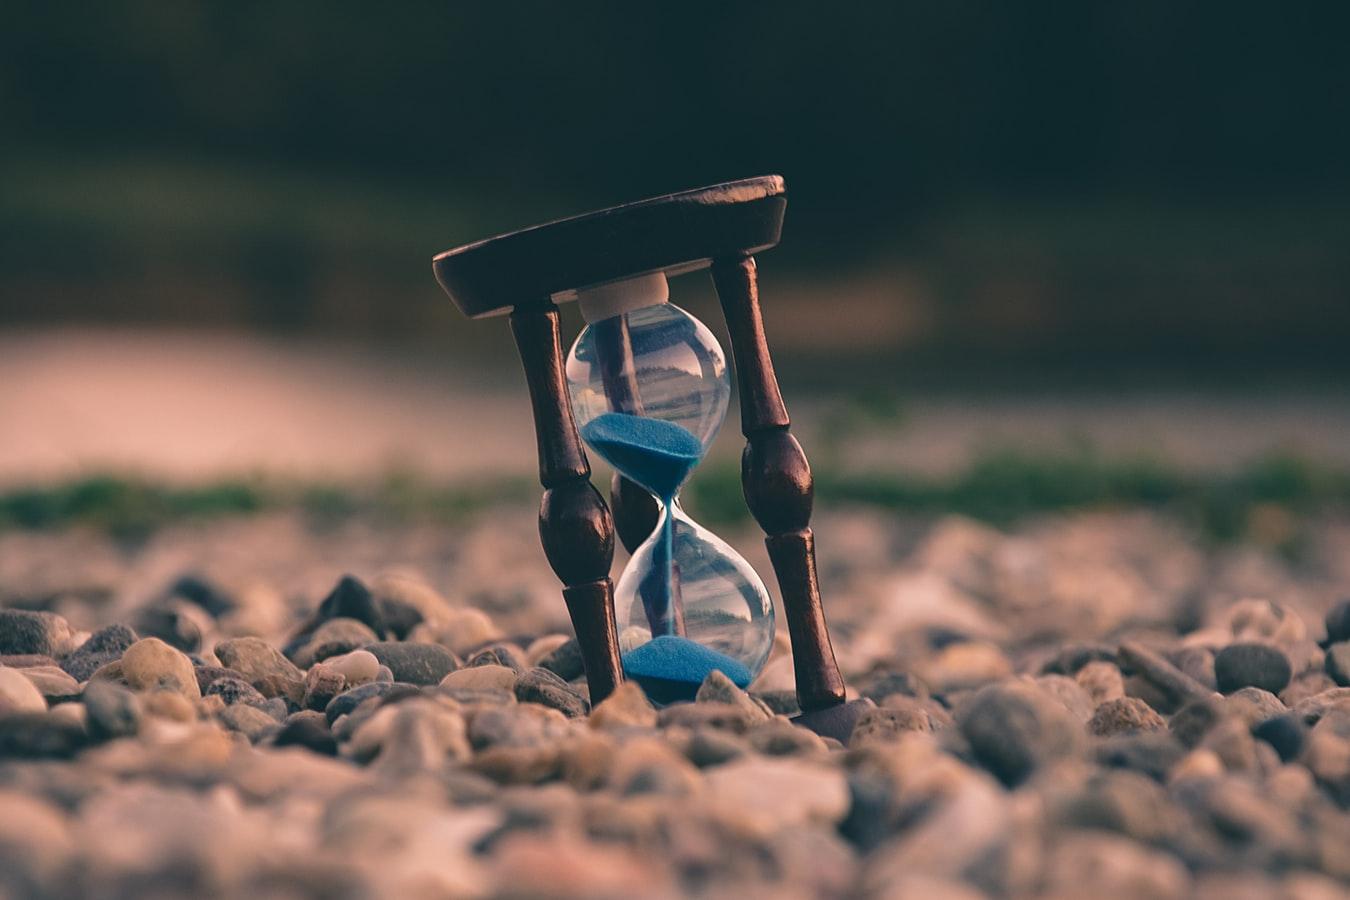 砂時計にはリラックス効果がある